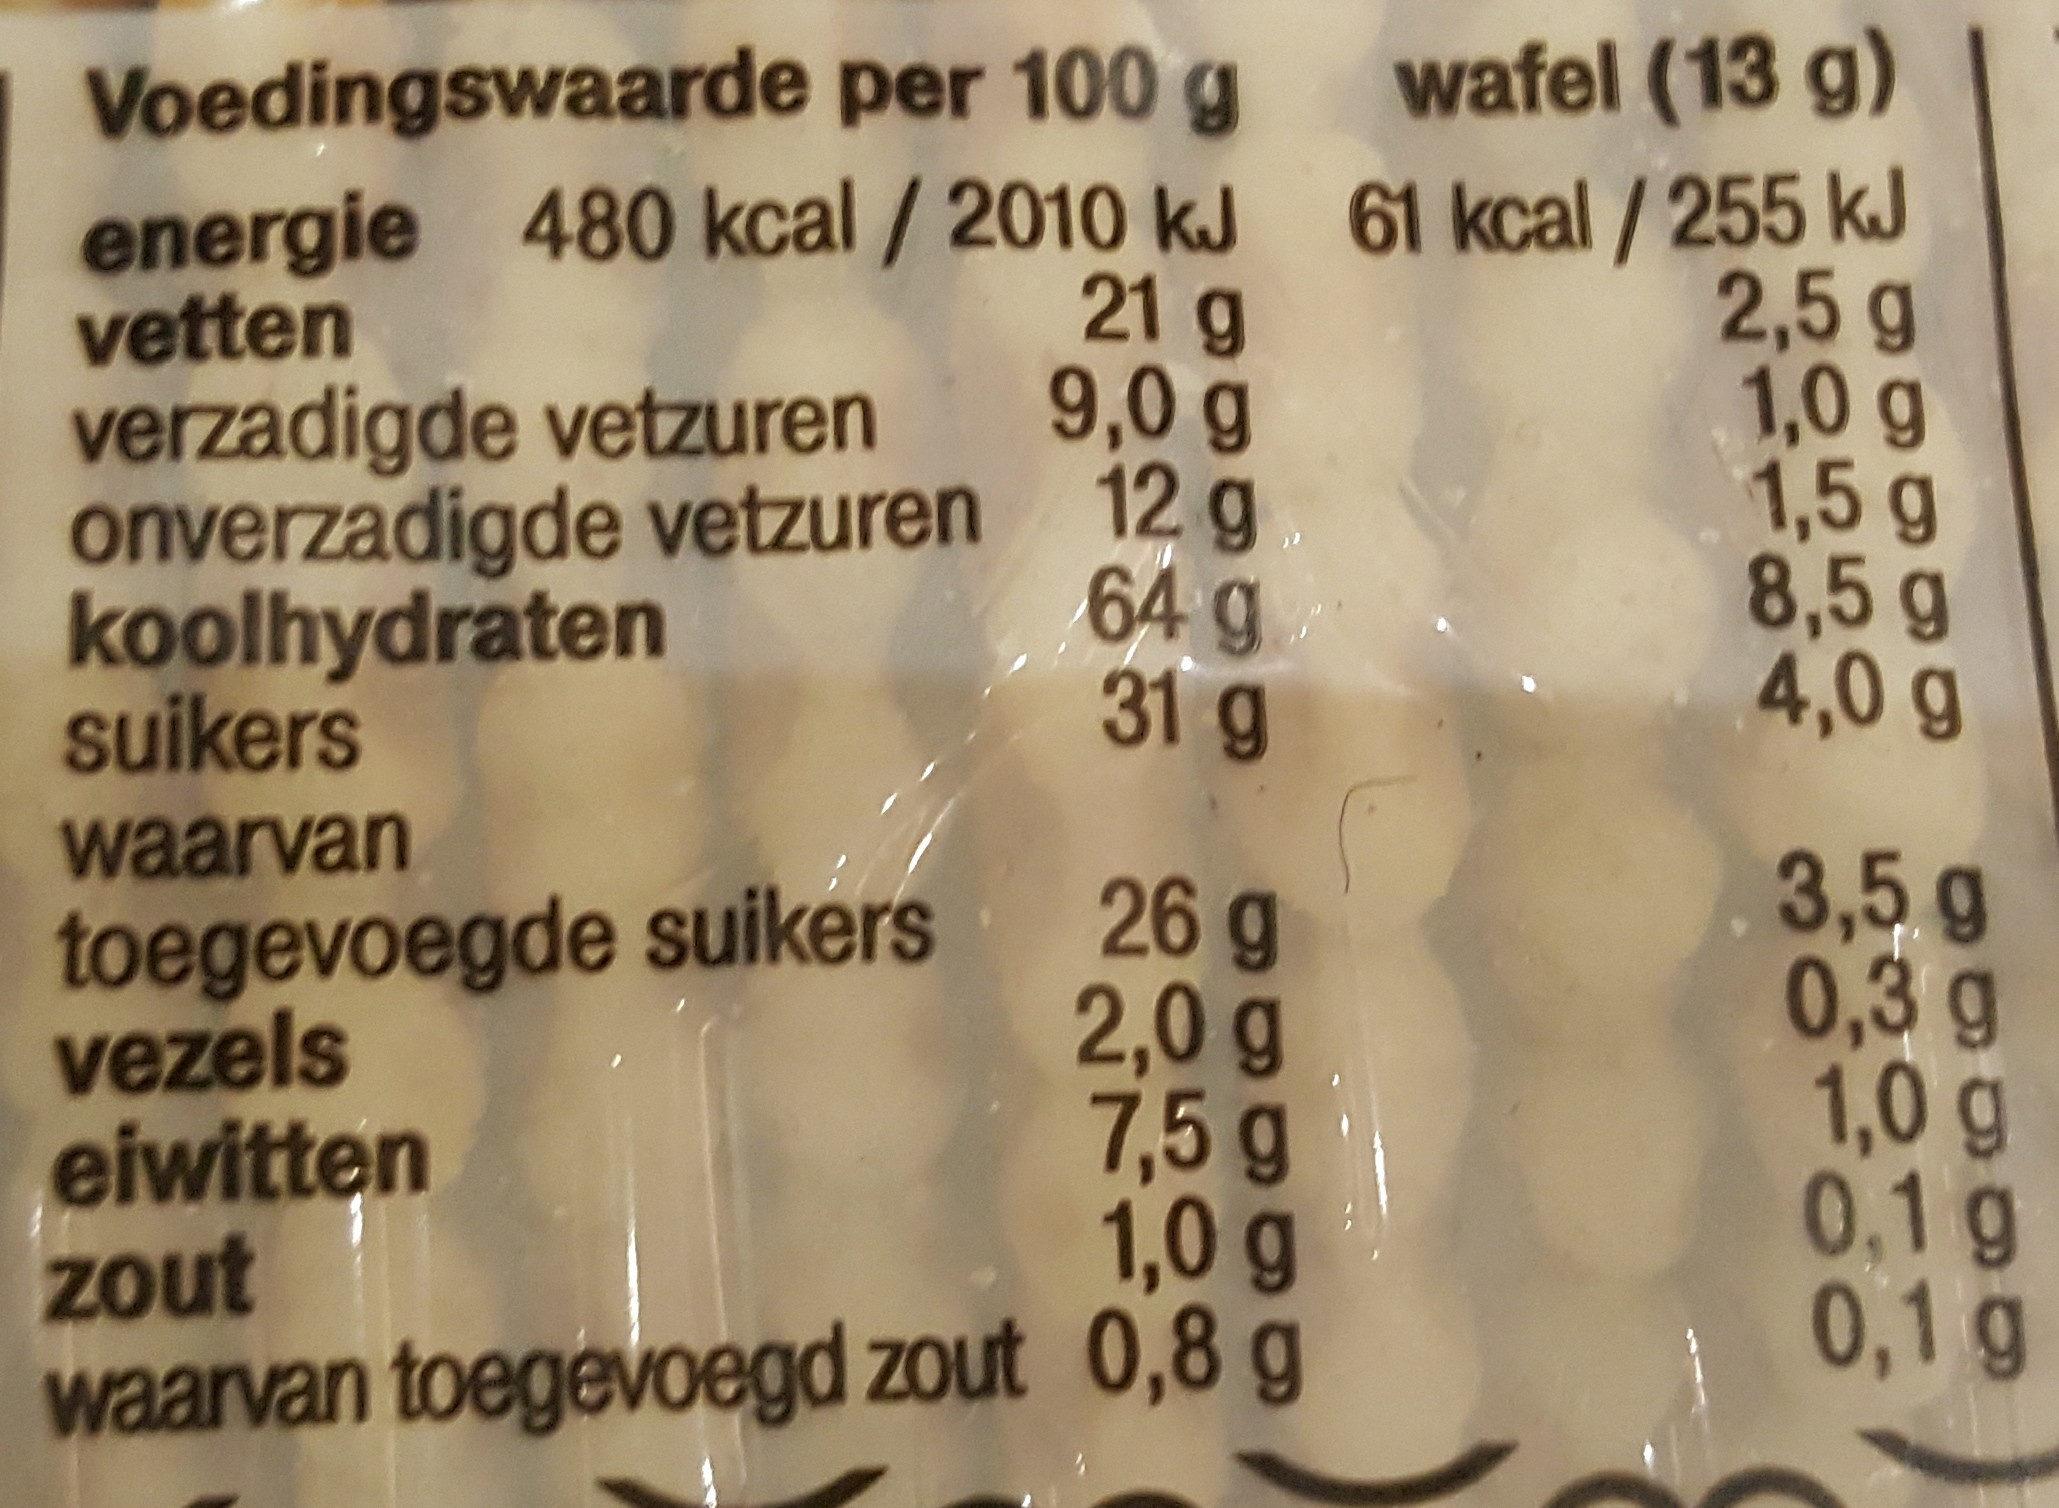 Galette Wafels - Voedingswaarden - nl